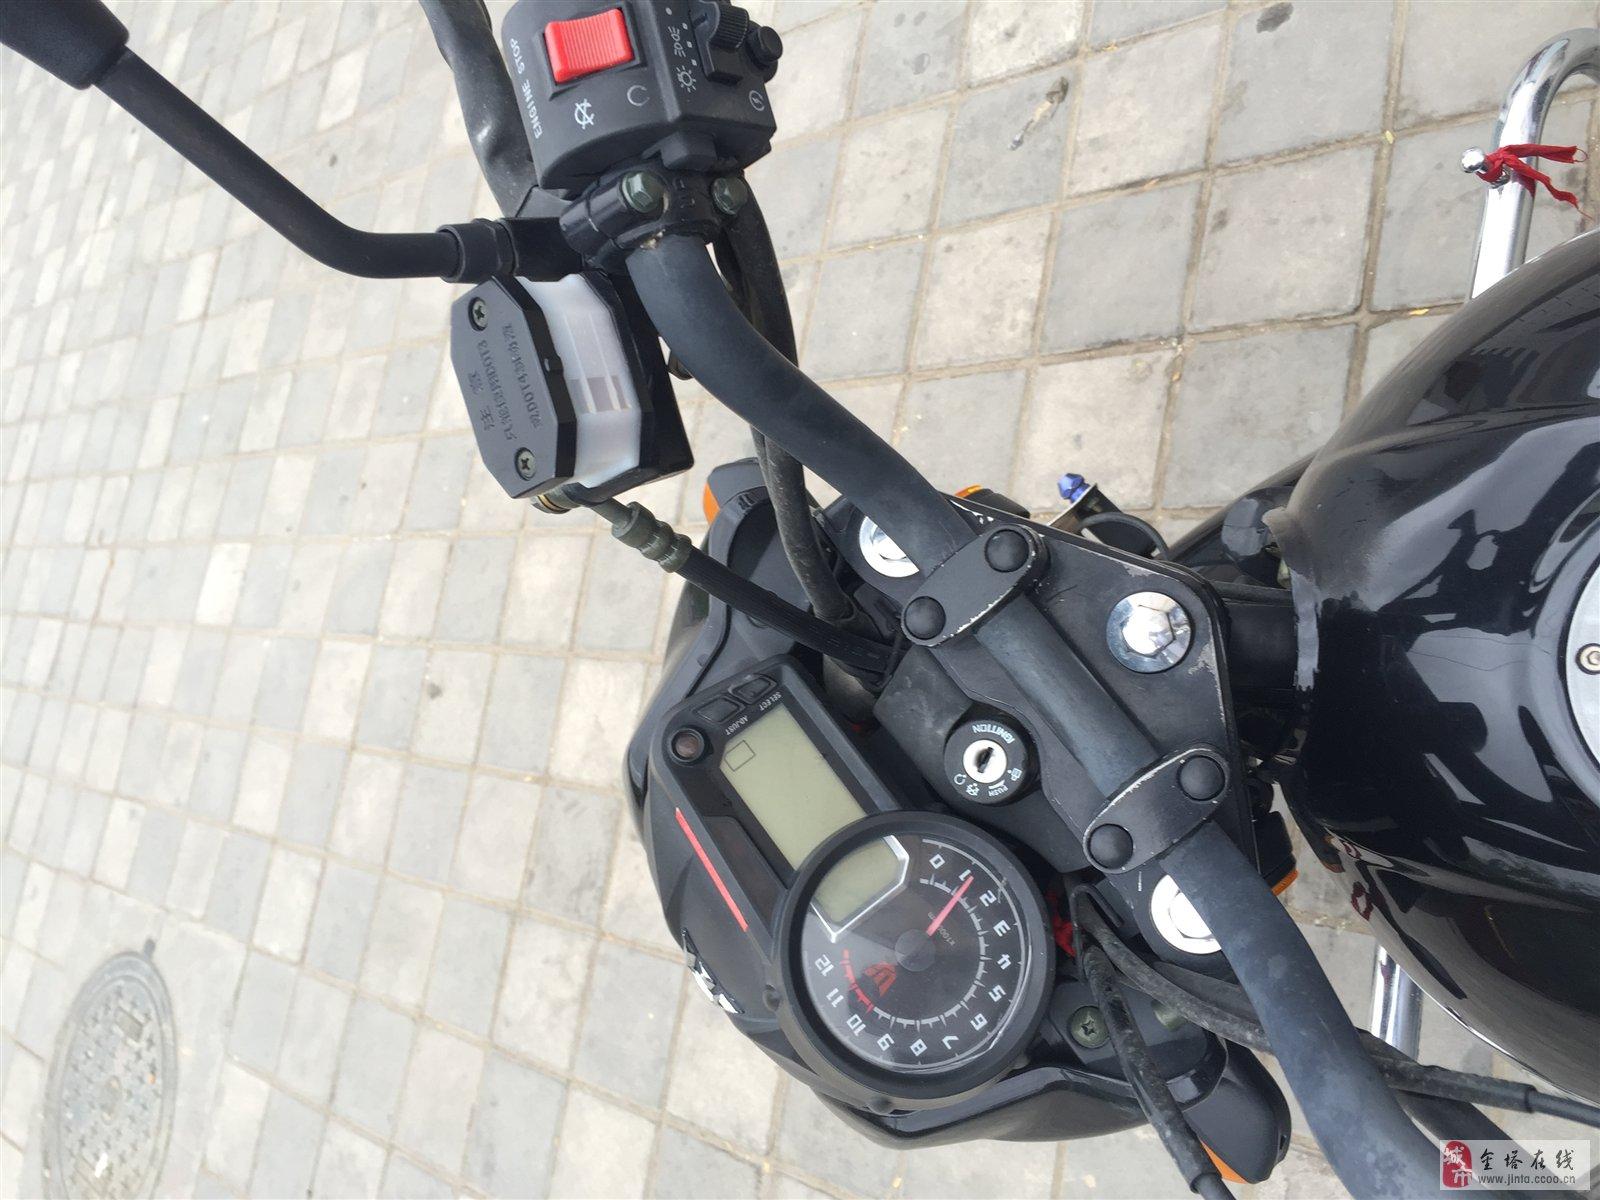 钱江畅跑125摩托车出售,行驶1.3万公里…还装的疝气灯,双响防盗器,高档后备箱…九成新,价格面议.